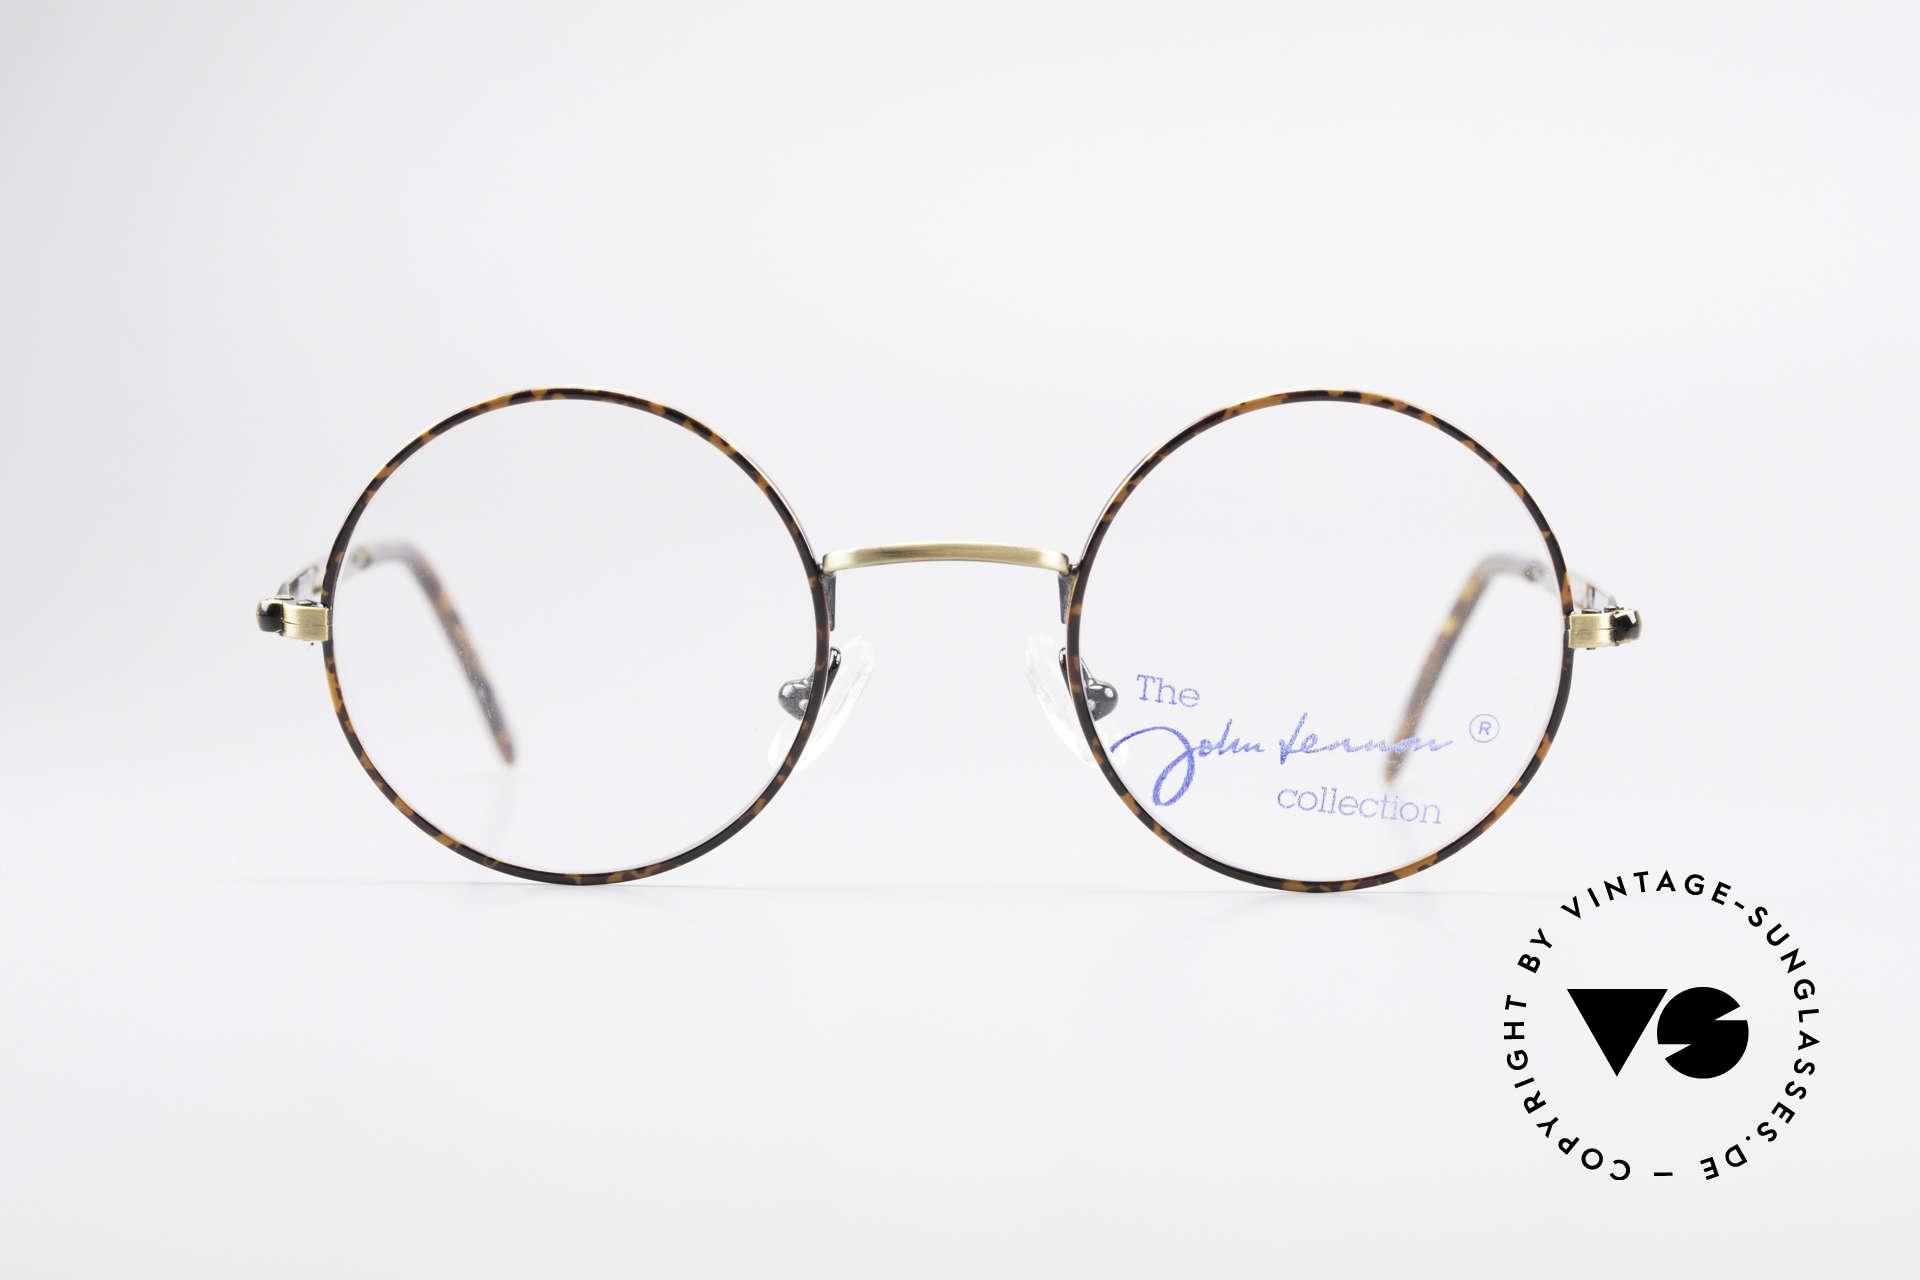 John Lennon - Revolution Small Round Vintage Glasses, frame models named after Lennon songs or words, Made for Men and Women